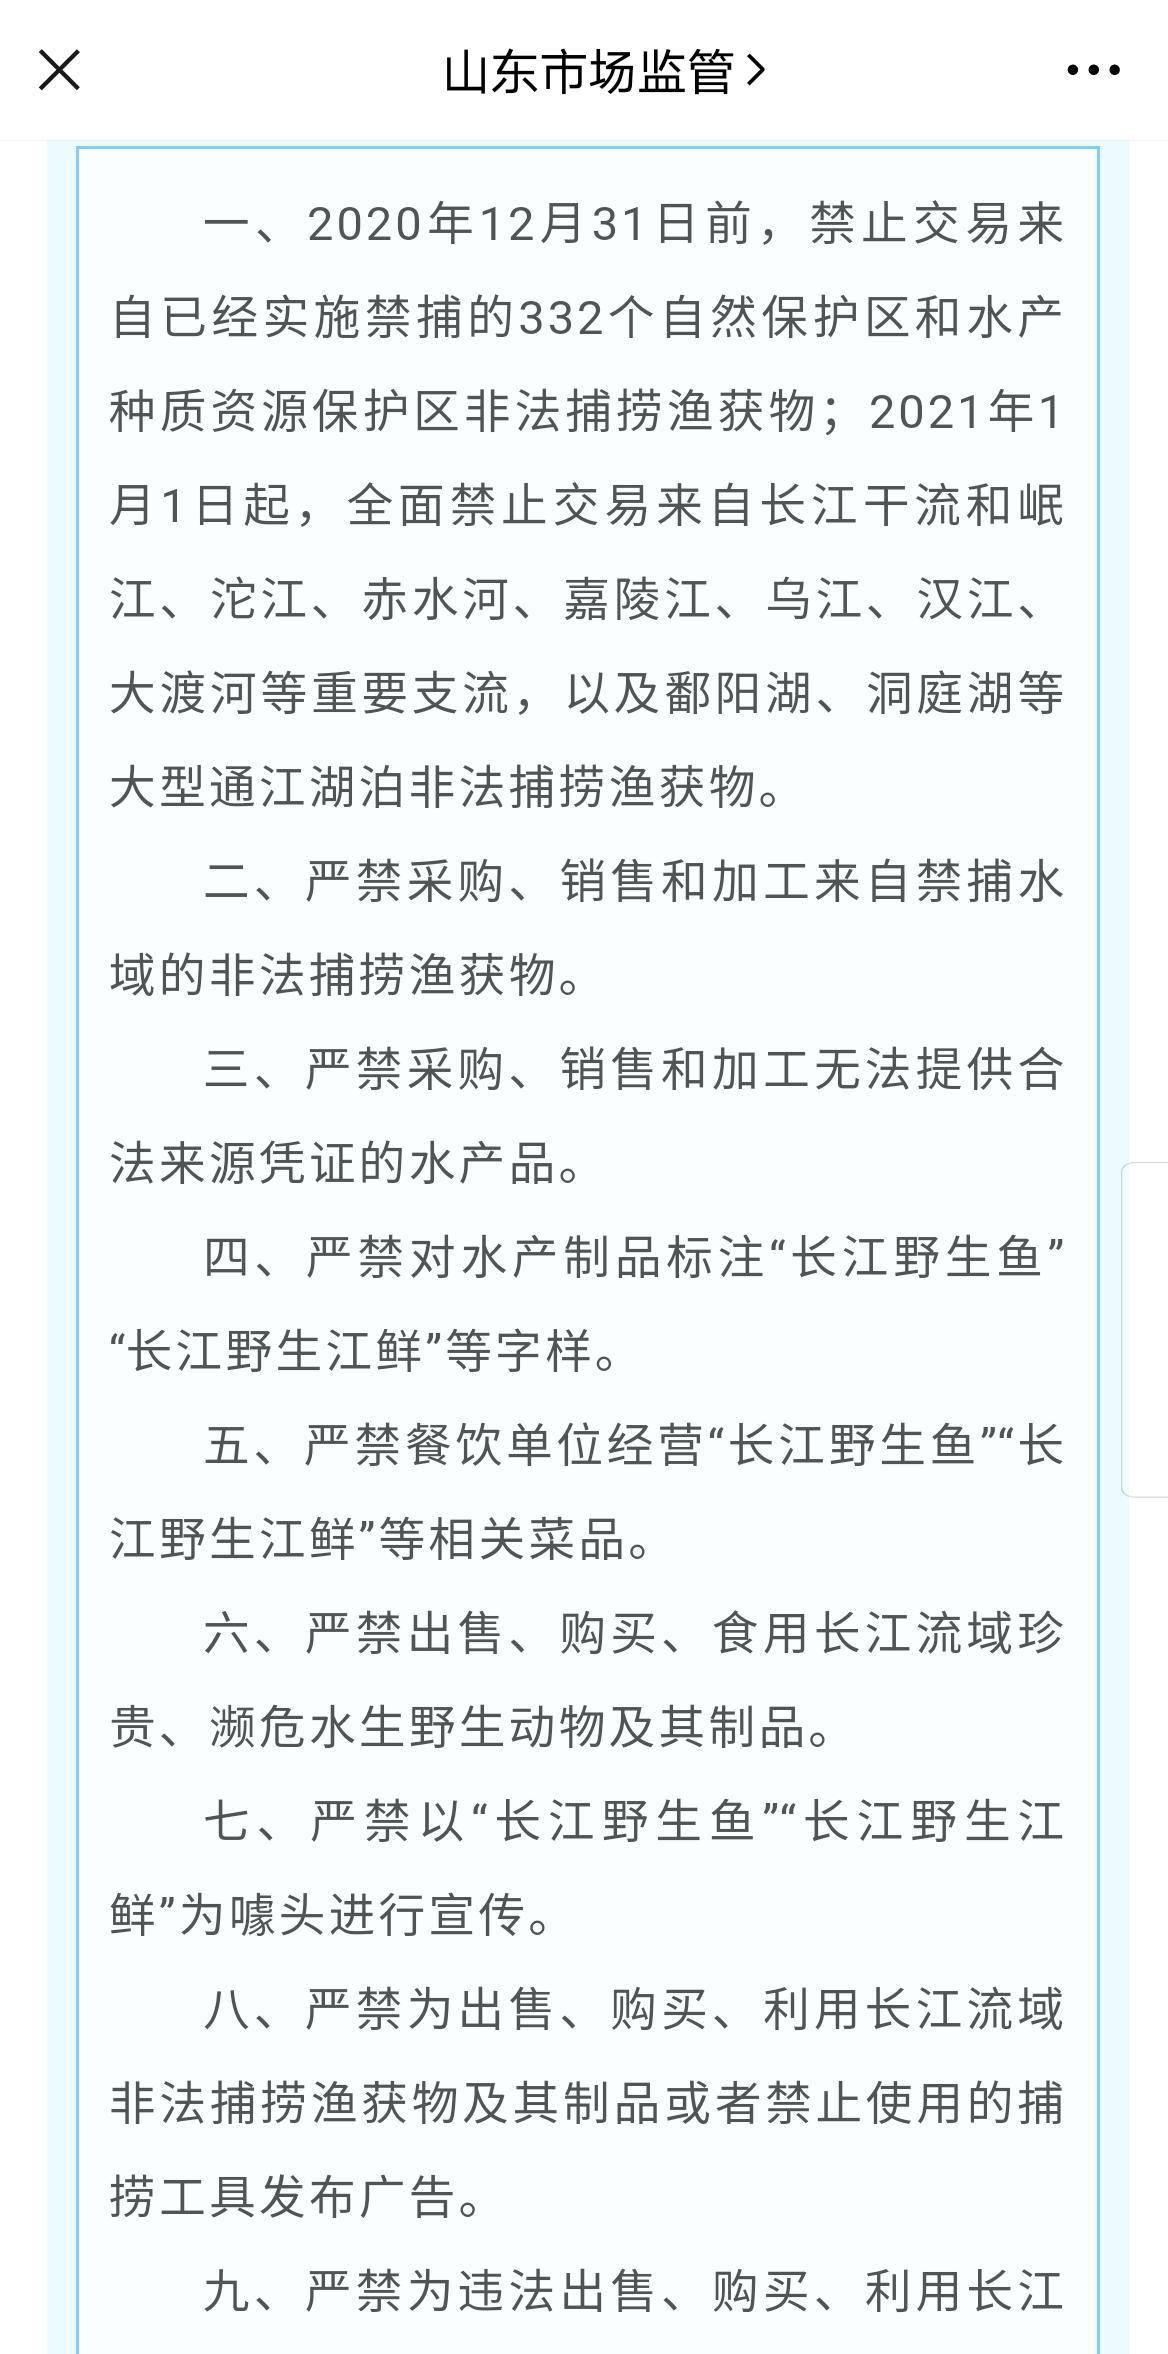 山东开展打击销售长江流域非法捕捞渔获物专项行动 禁止交易自然保护区捕获的渔获物图片